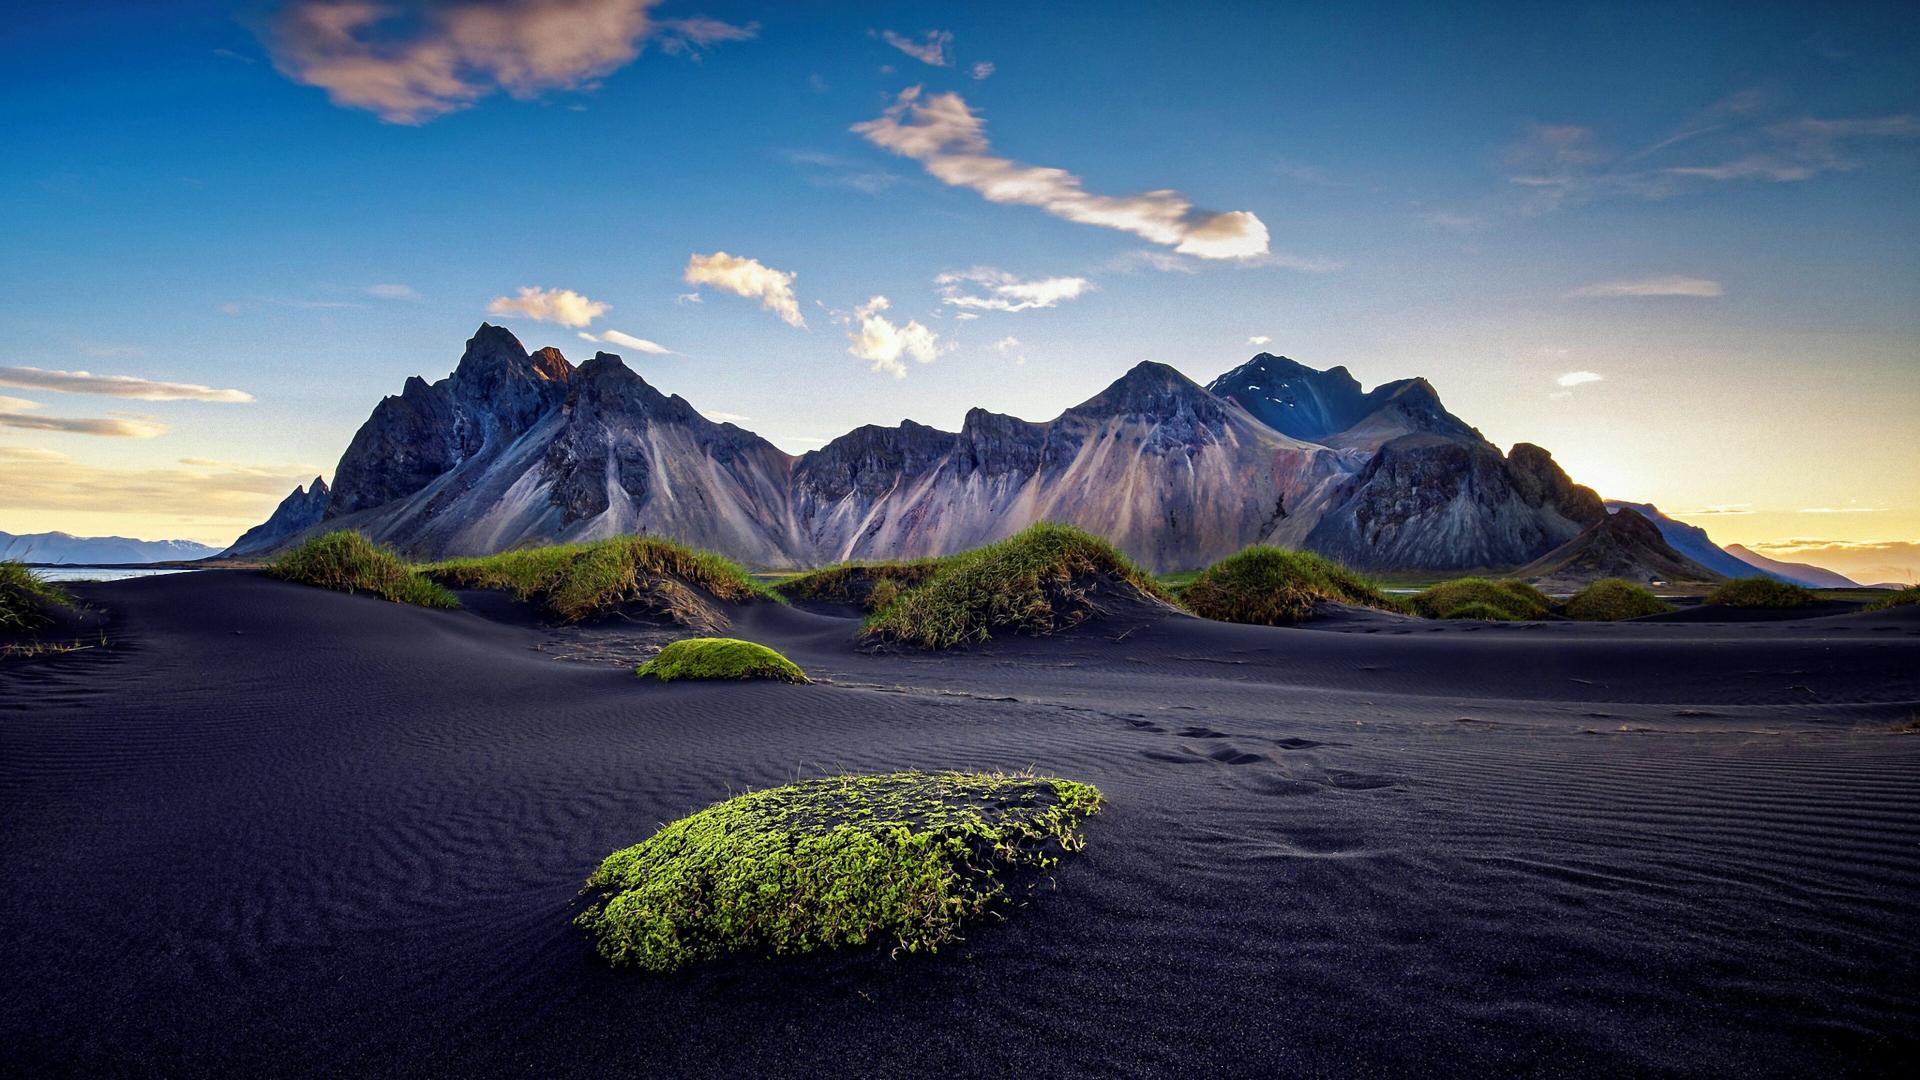 1920x1080 Daytime Mountains in Black Desert 1080P Laptop ...